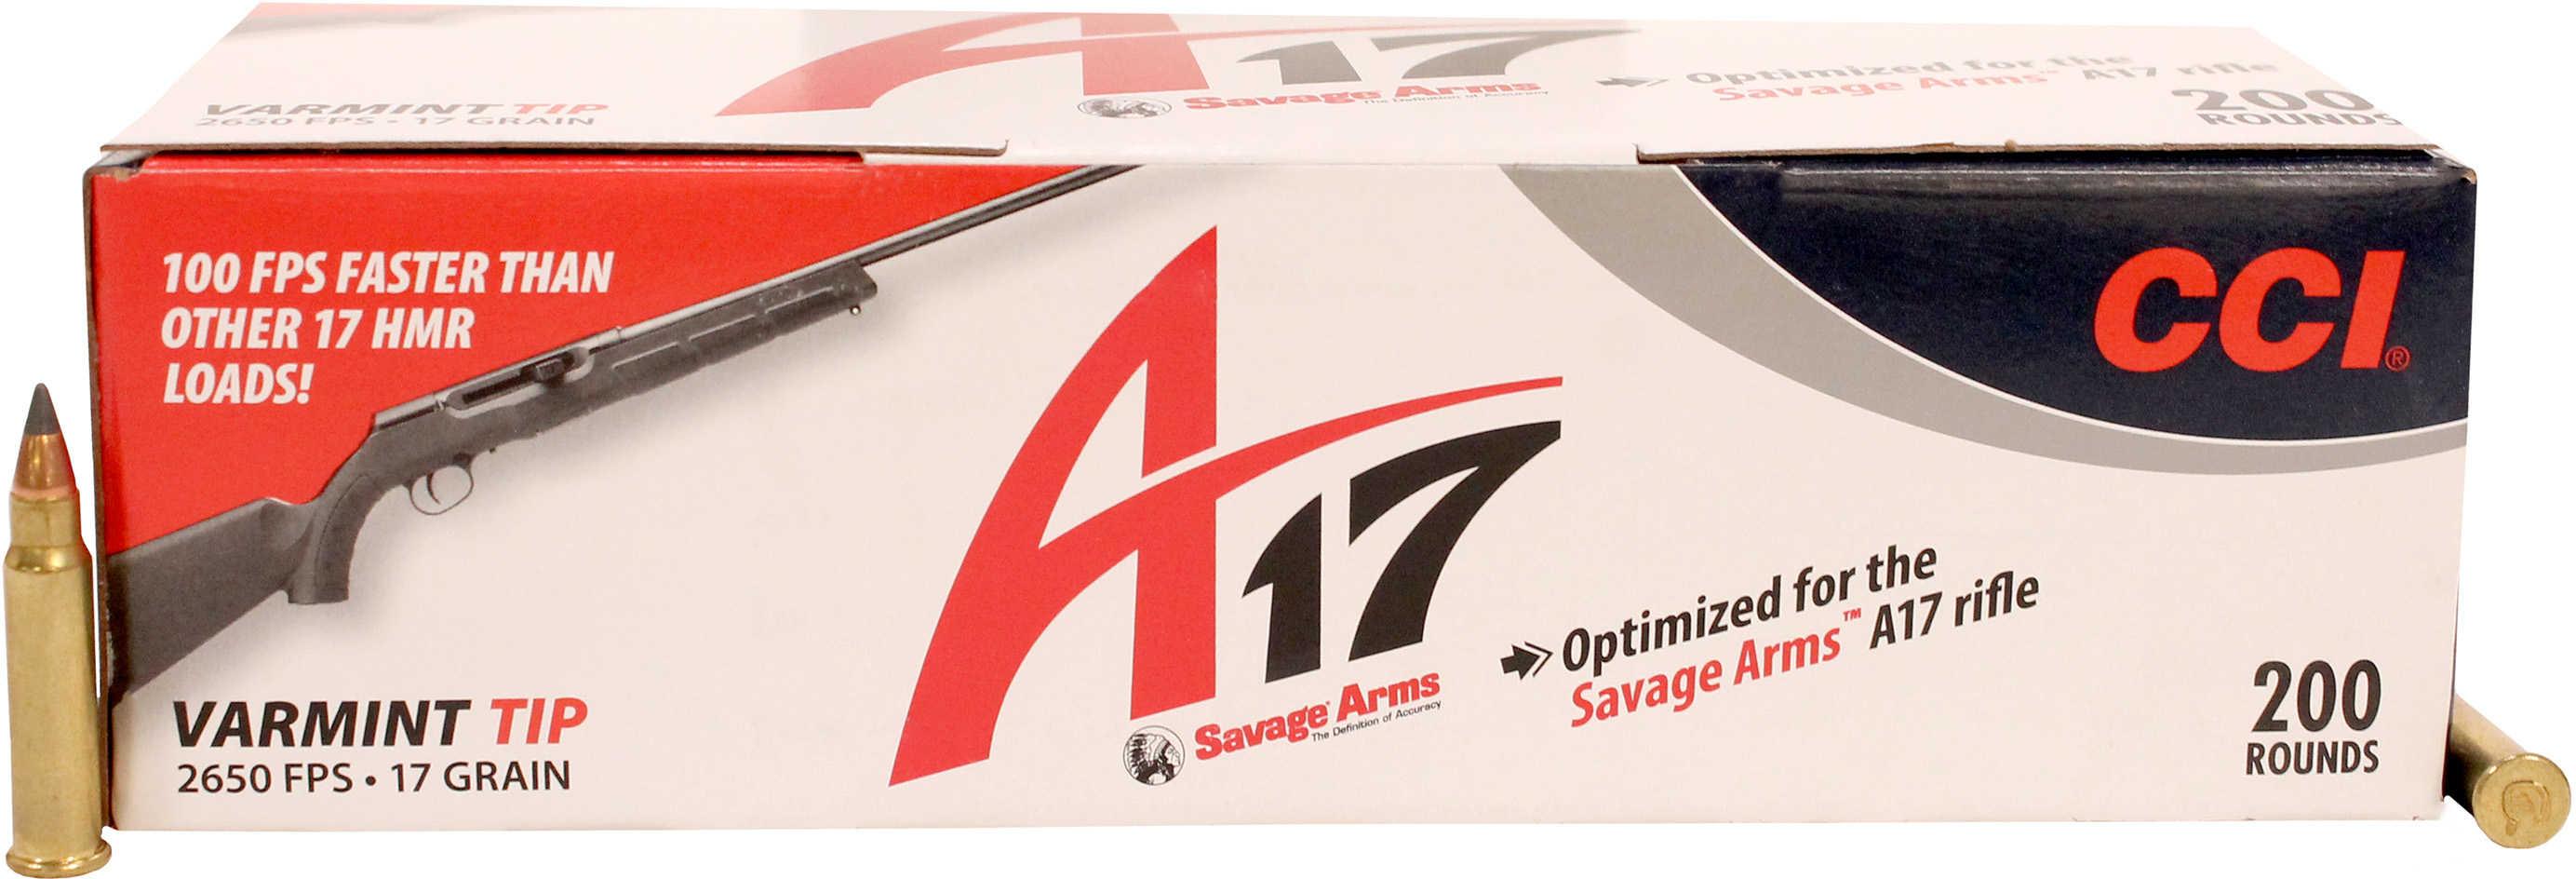 CCI 17HMR 17 Grains A17 Varmint Tip 200 Rounds Ammunition